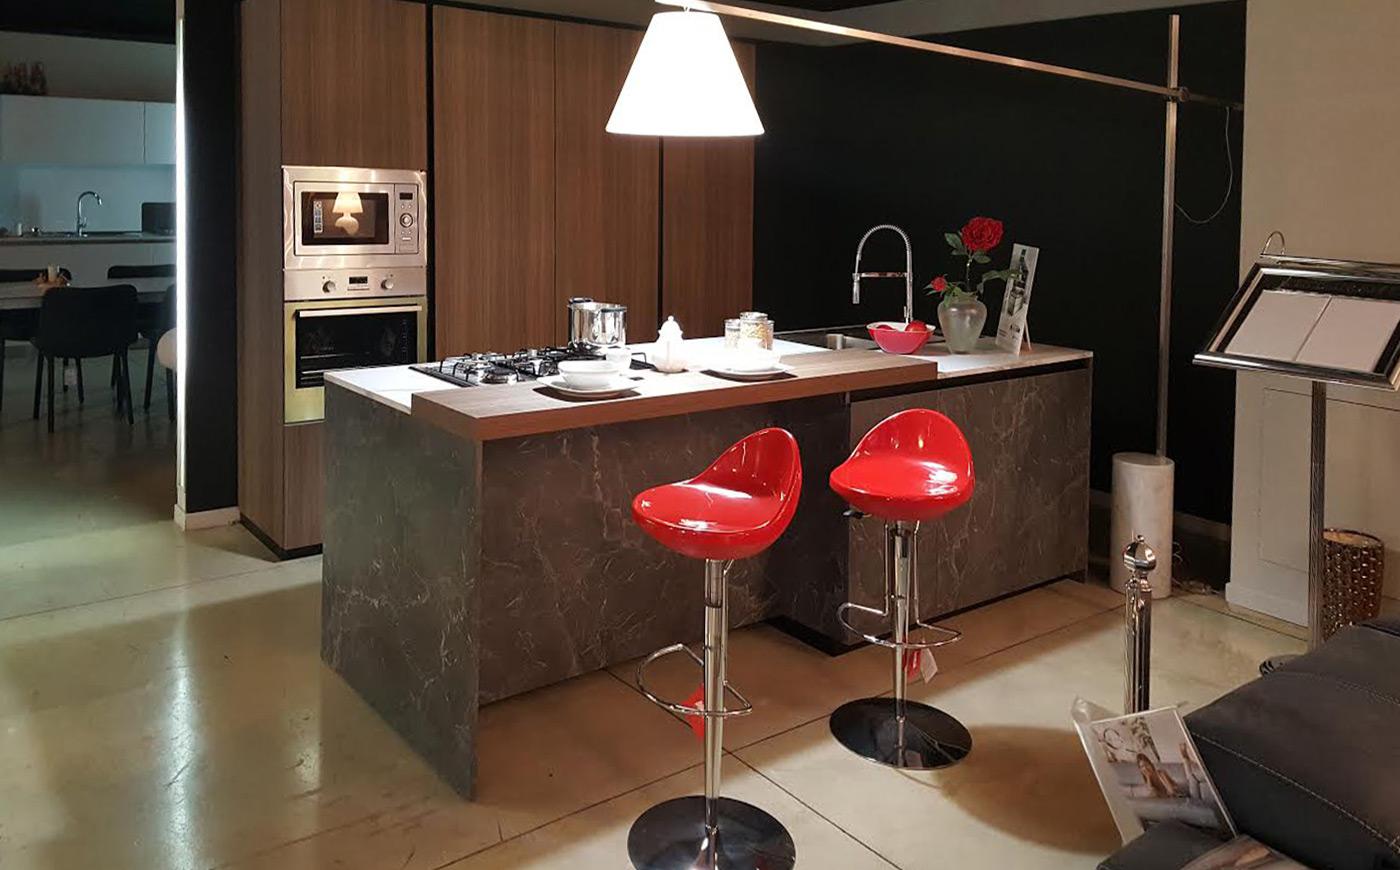 Cucina arredo modello zetasei dil mobili arredamenti